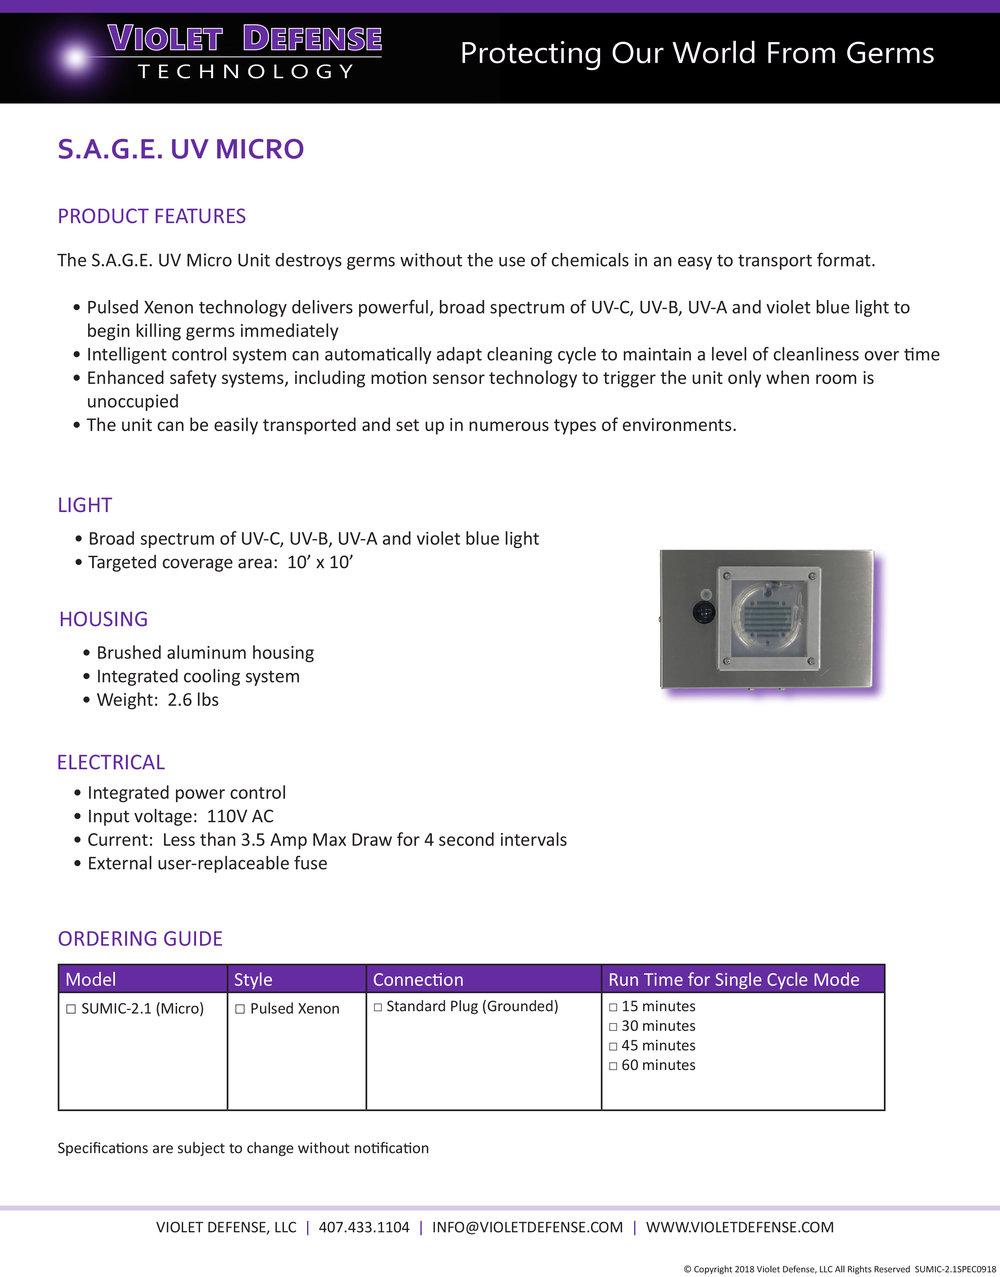 Violet Defense - SAGE UV Gen 2 Micro Specs-1.jpg